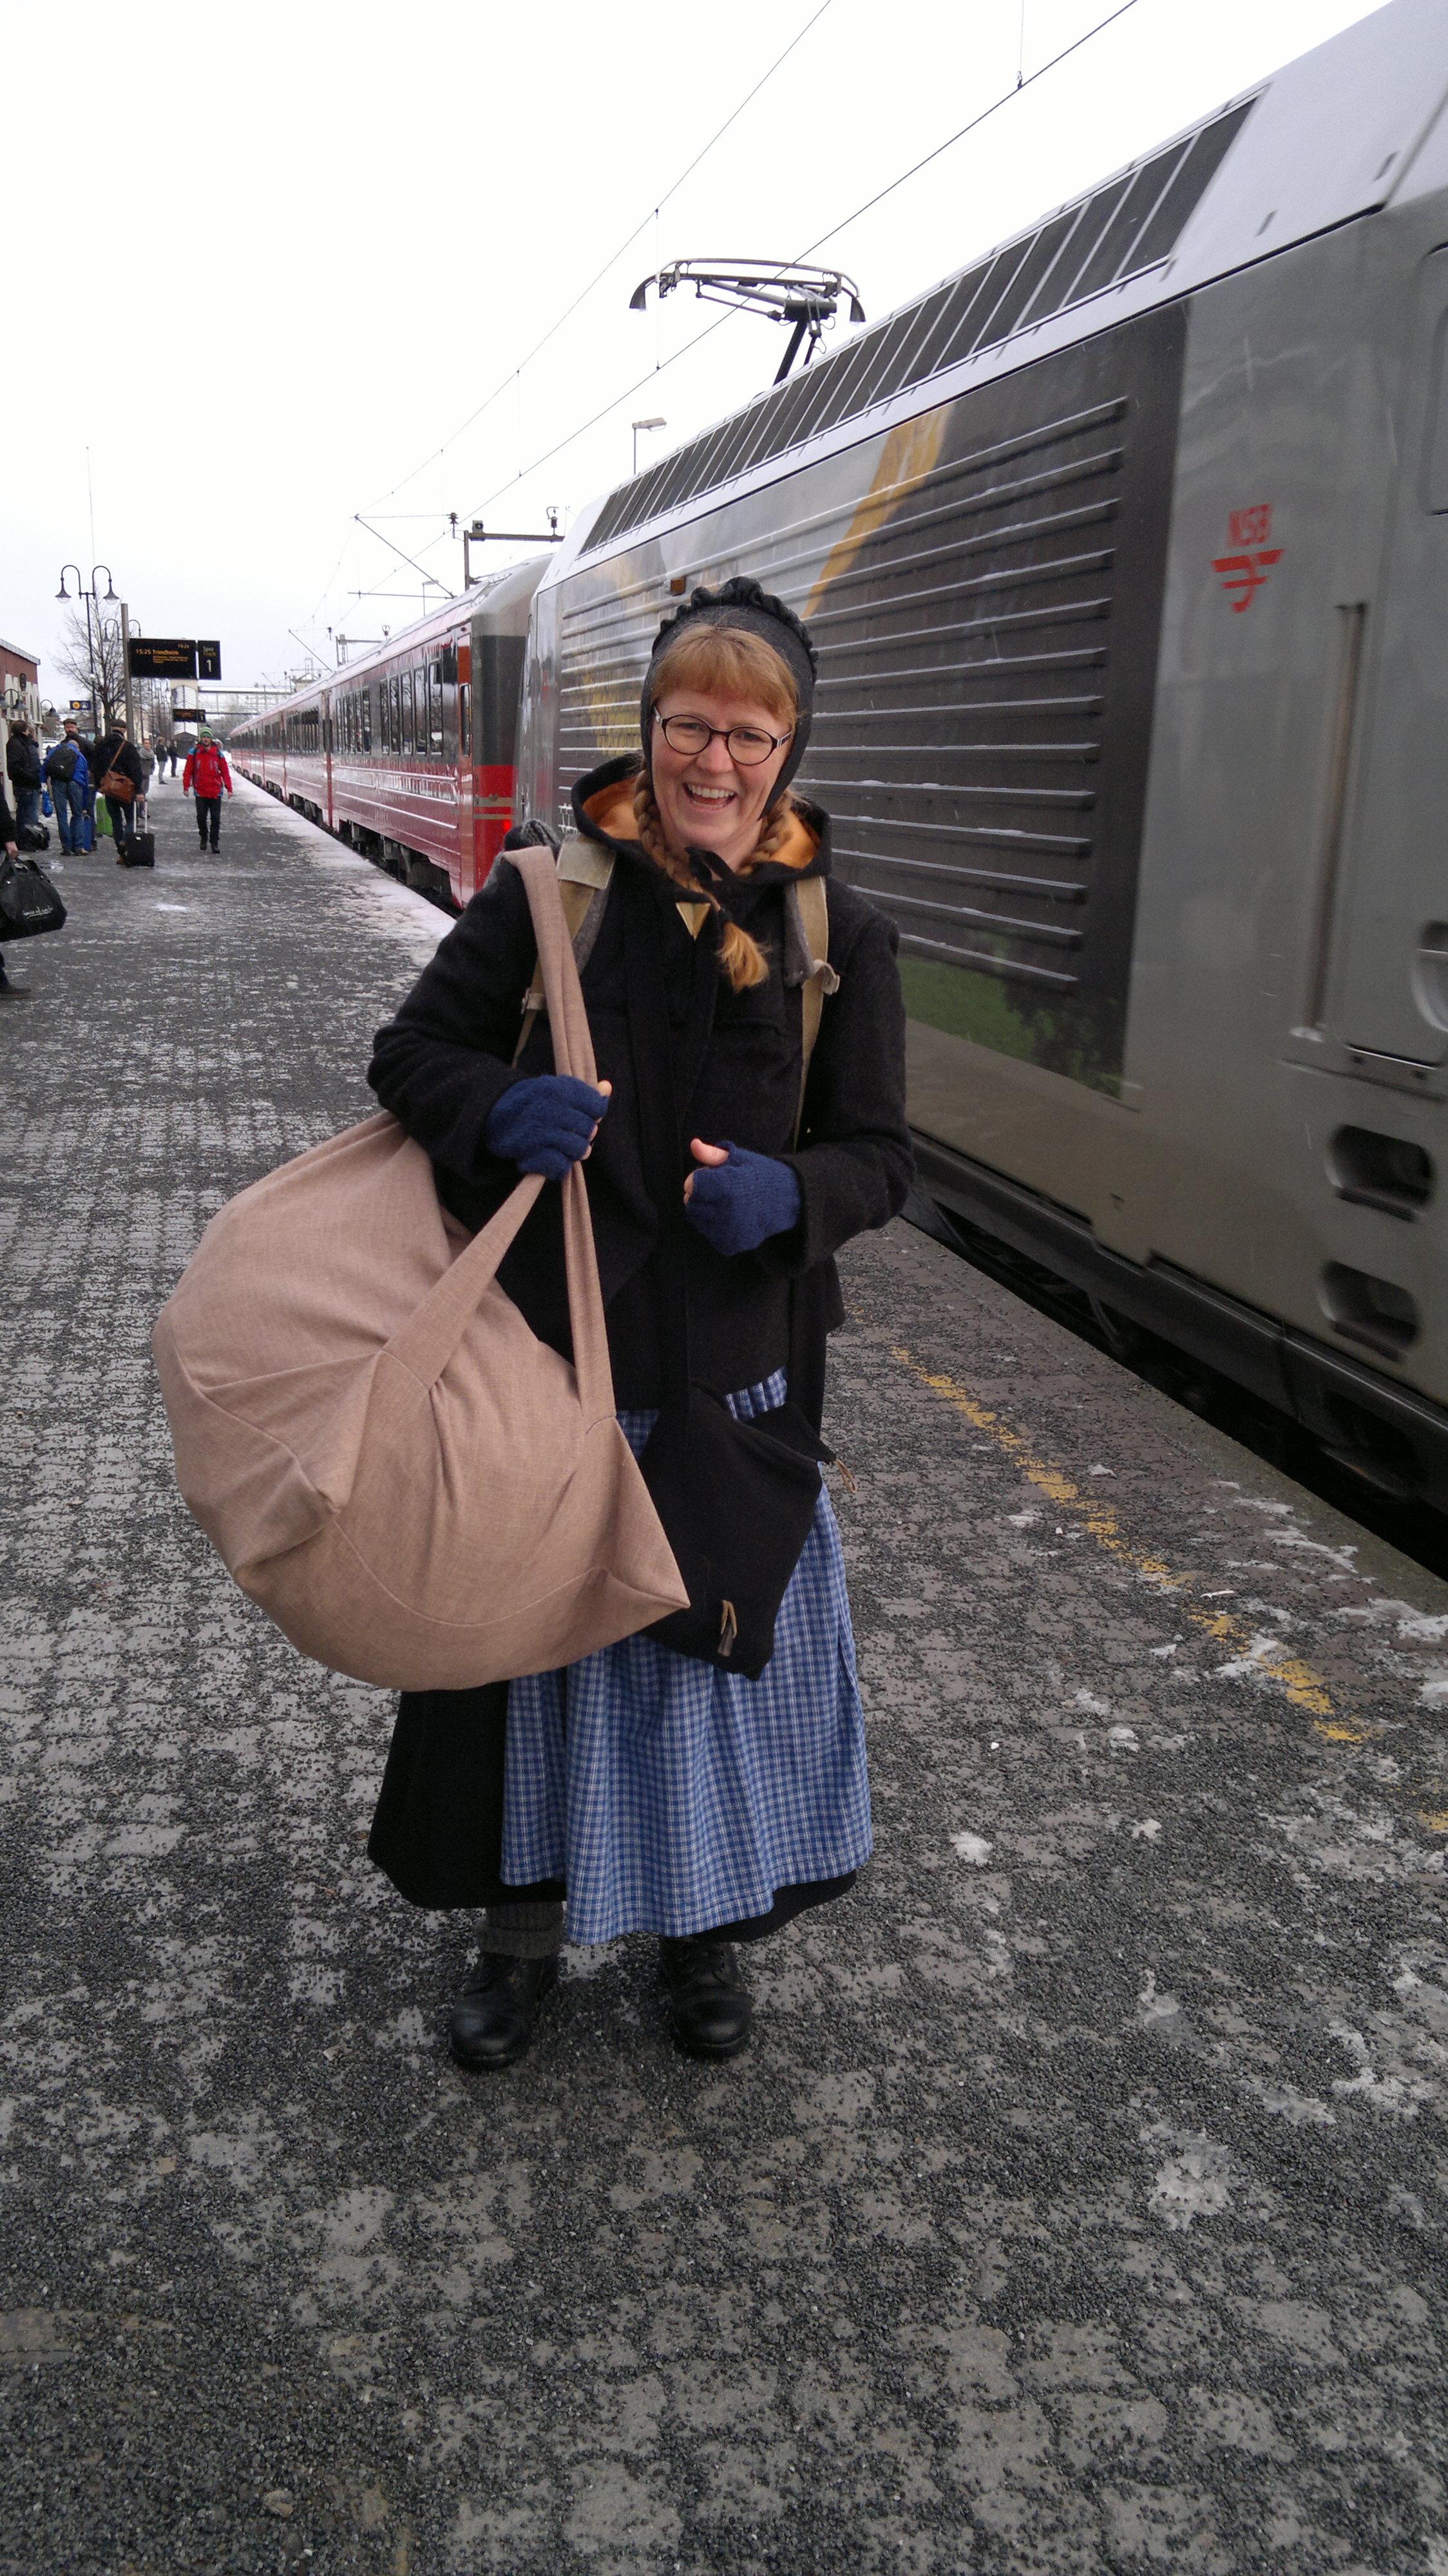 Karine startet på Hamar stasjon. Foto: Siv Vassdal